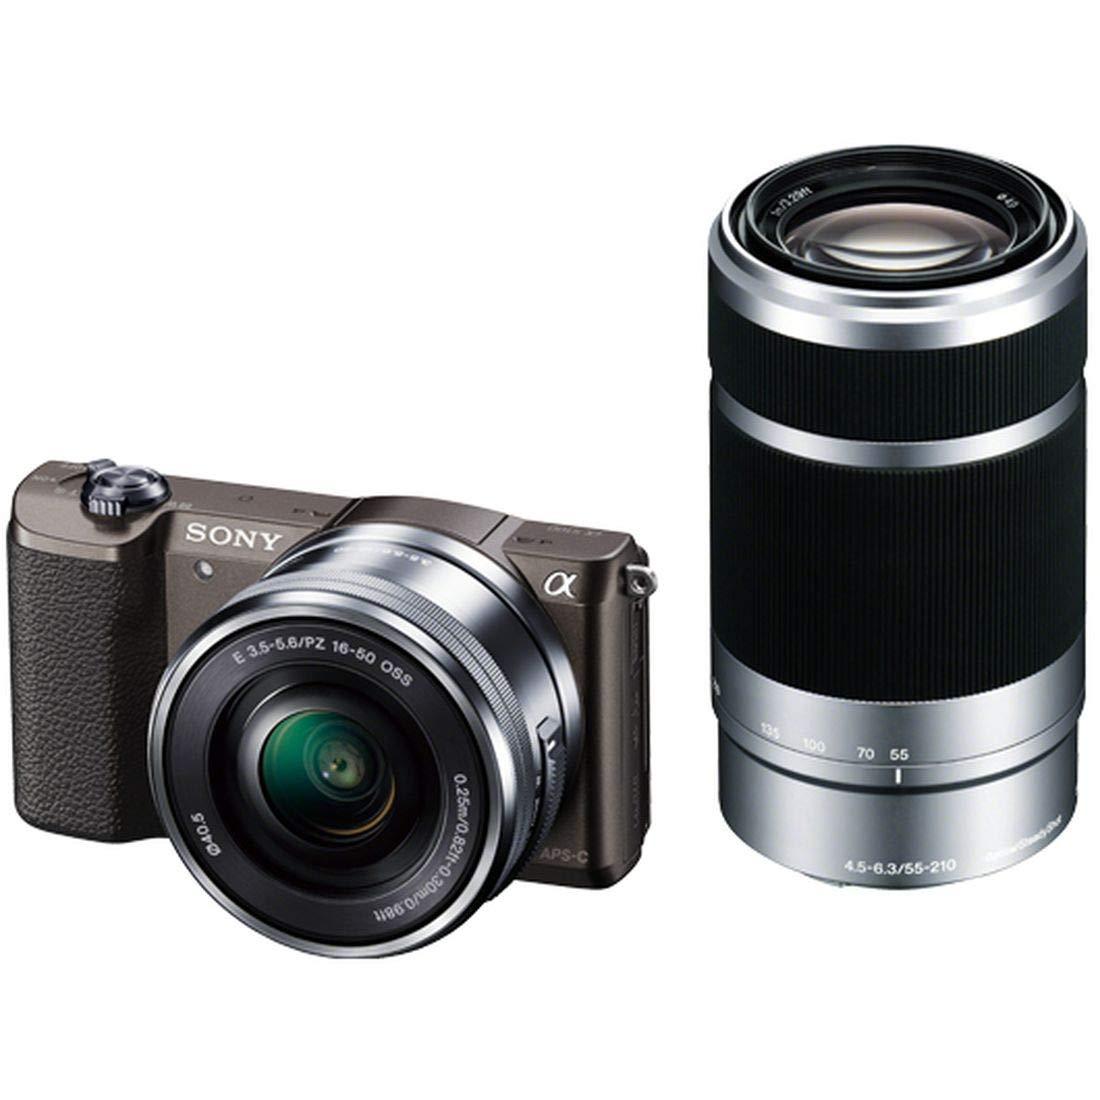 ソニー SONY ミラーレス一眼 α5100 ダブルズームキット E PZ 16-50mm F3.5-5.6 OSS + E 55-210mm F4.5-6.3 OSS ブラウン ILCE-5100Y-T  ブラウン B00MUFZDMS